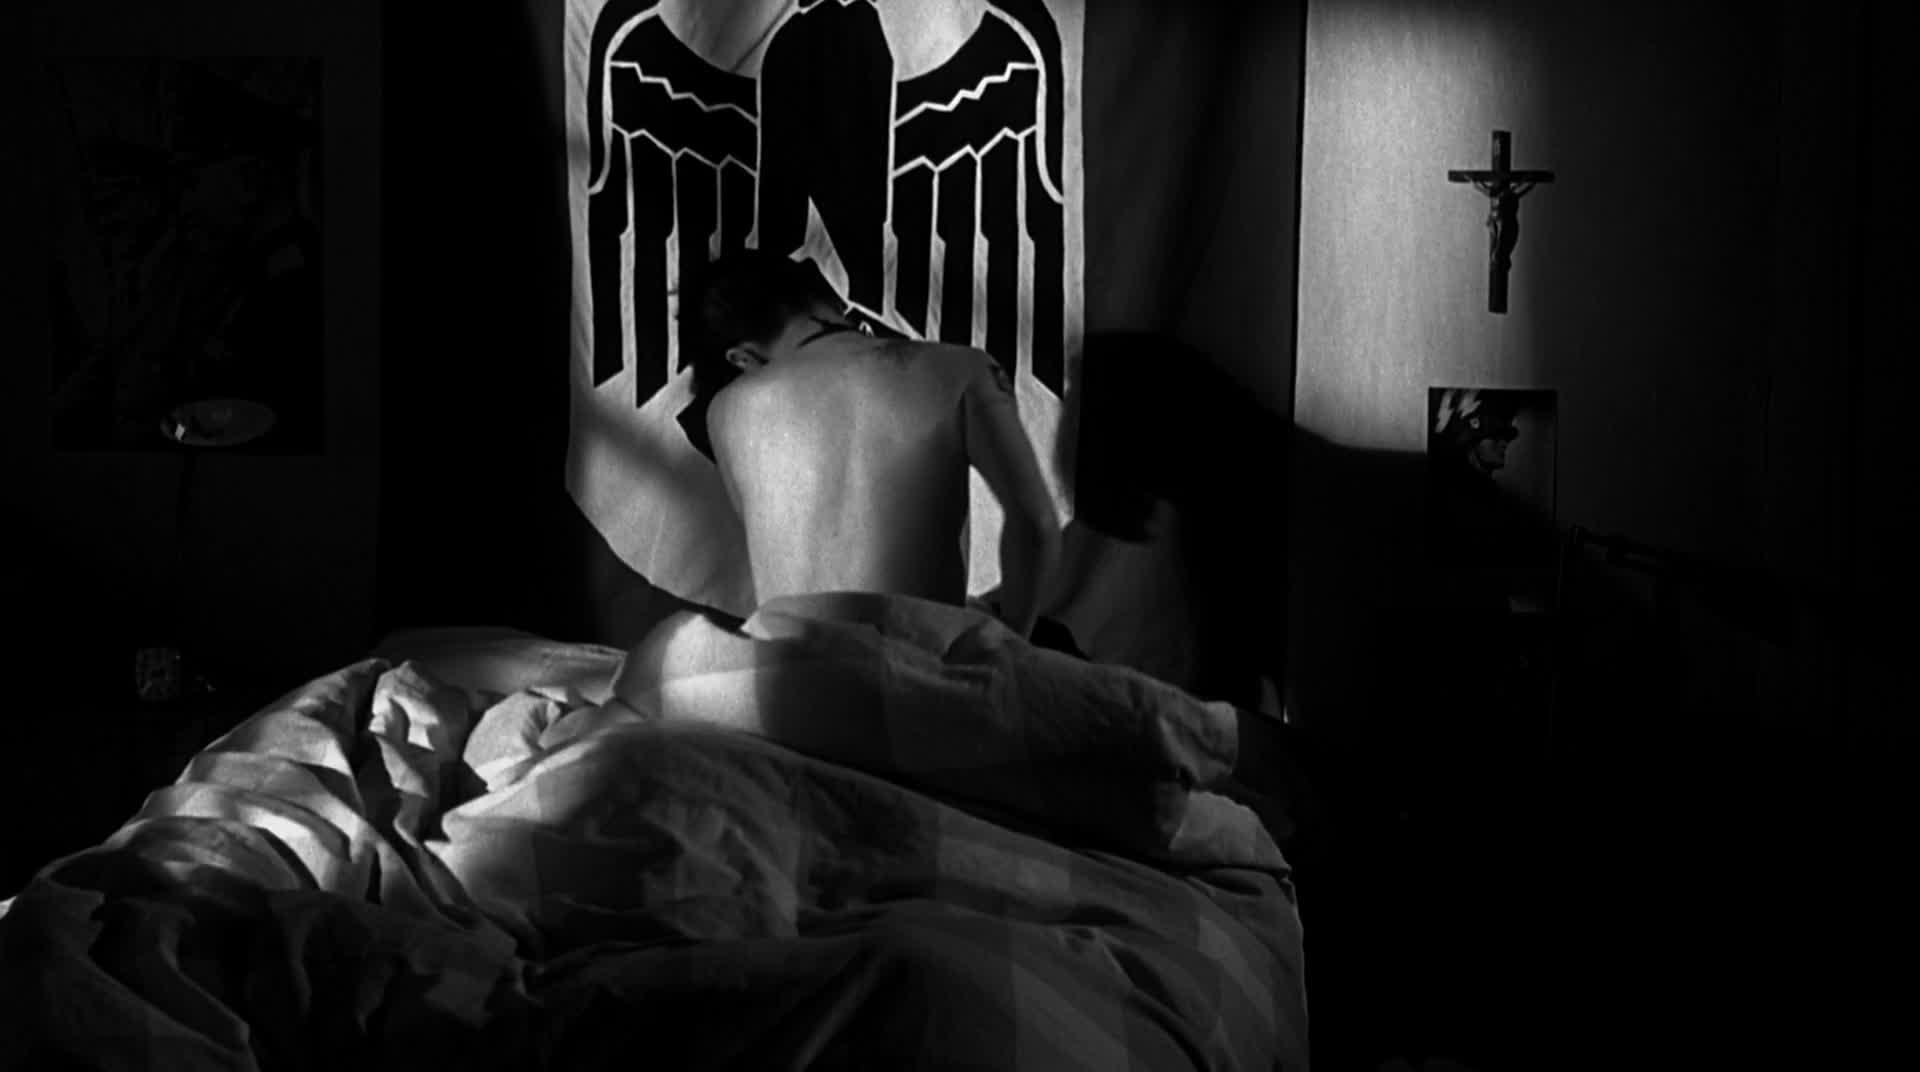 Fairuza balk sex scene video